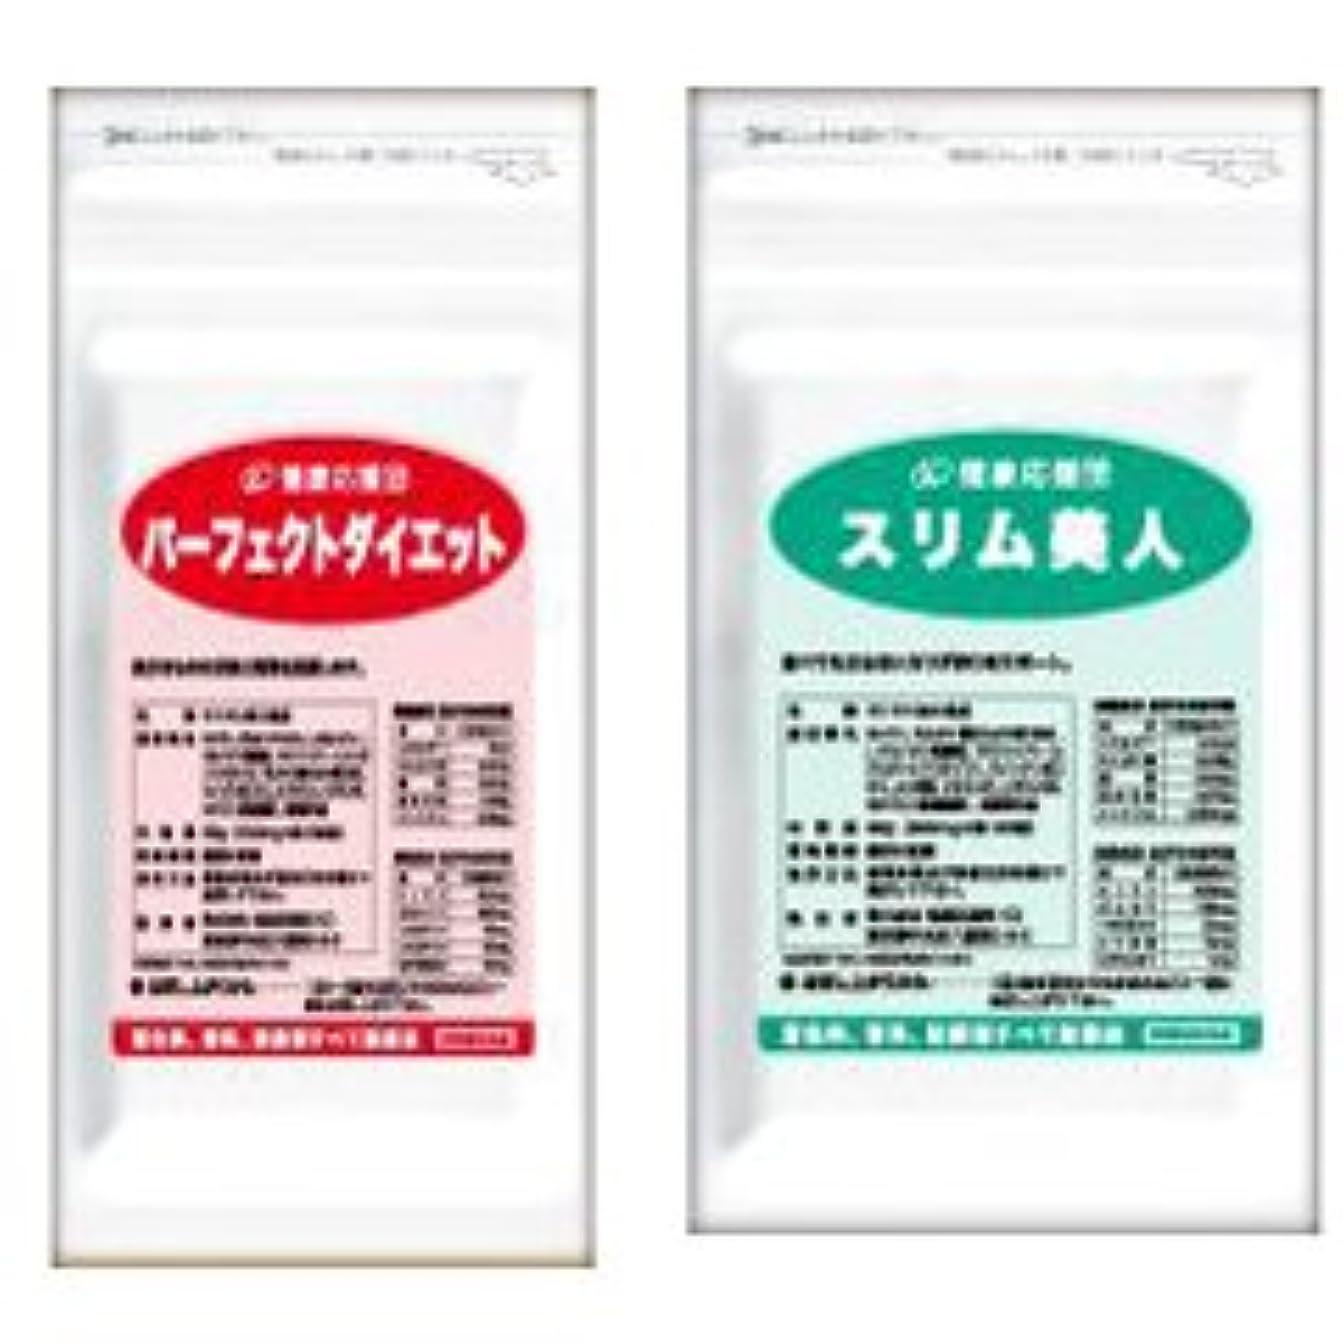 格納小数賠償ダイエットセット パーフェクトダイエット + スリム美人 (キトサン、ガルシニアエキス、L-カルニチン、L-オルニチン、αリポ酸、レジスタントプロテイン配合)